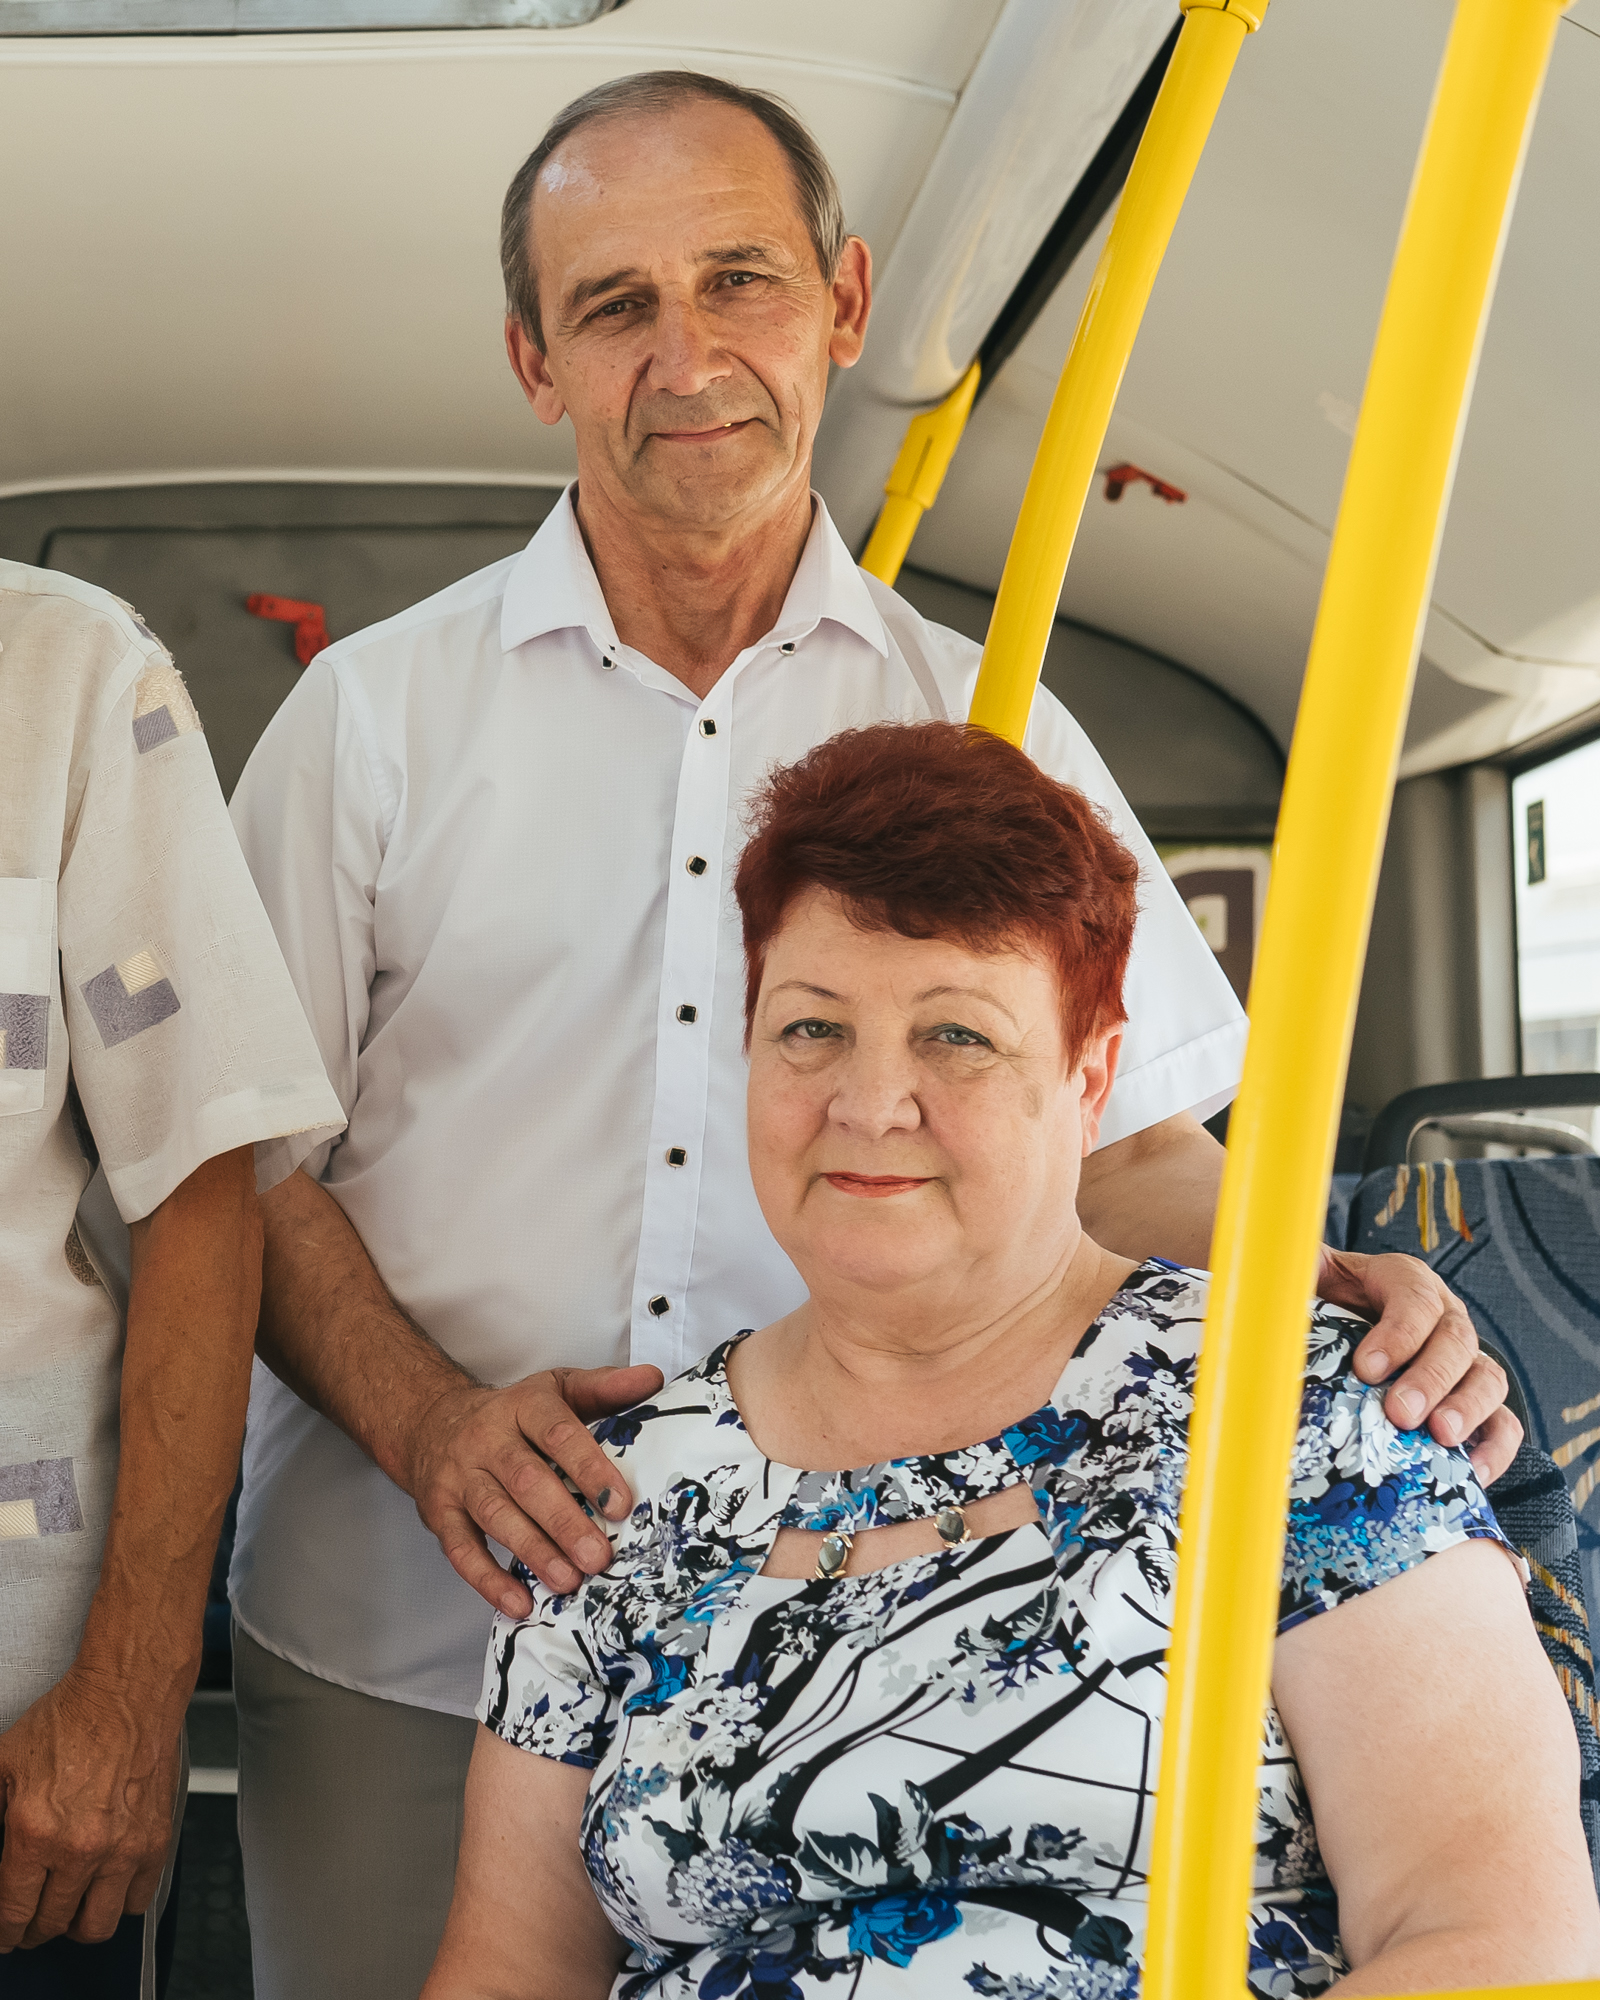 Антонина и Михаил работают вместе только пять лет, а в обычной жизни успели воспитать трех дочерей и 6 внуков